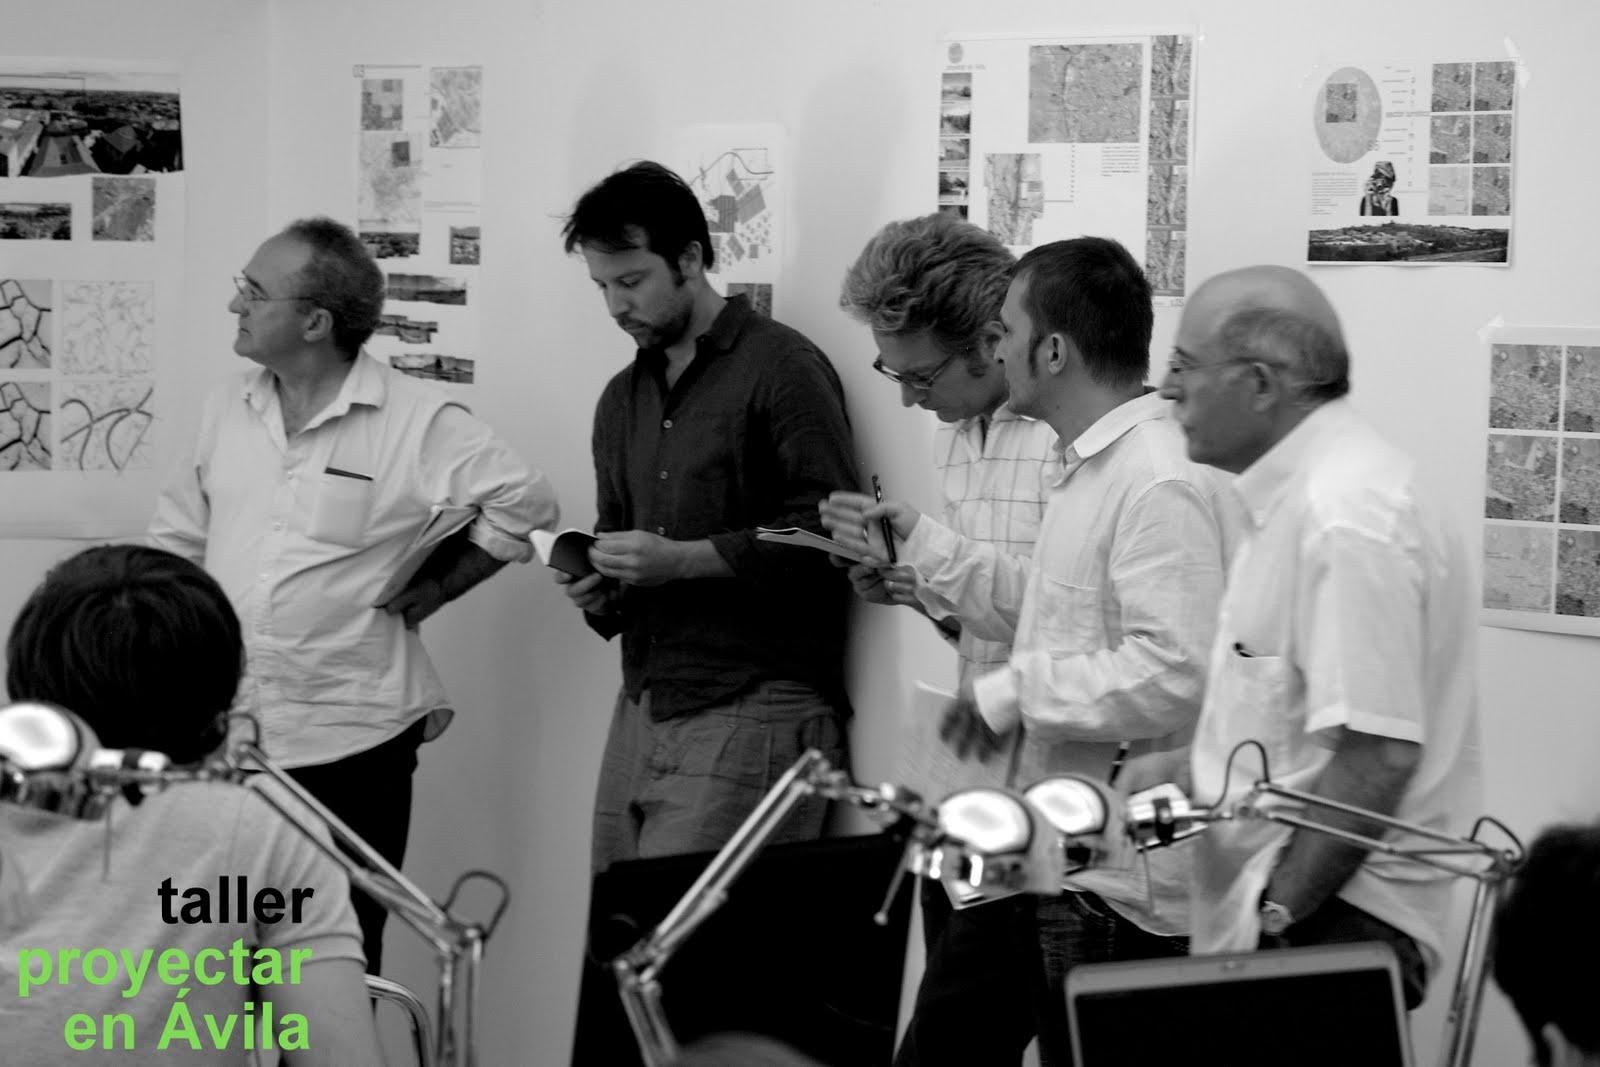 Proyectar en avila lunes 12 julio 2010 - Arquitectos en avila ...